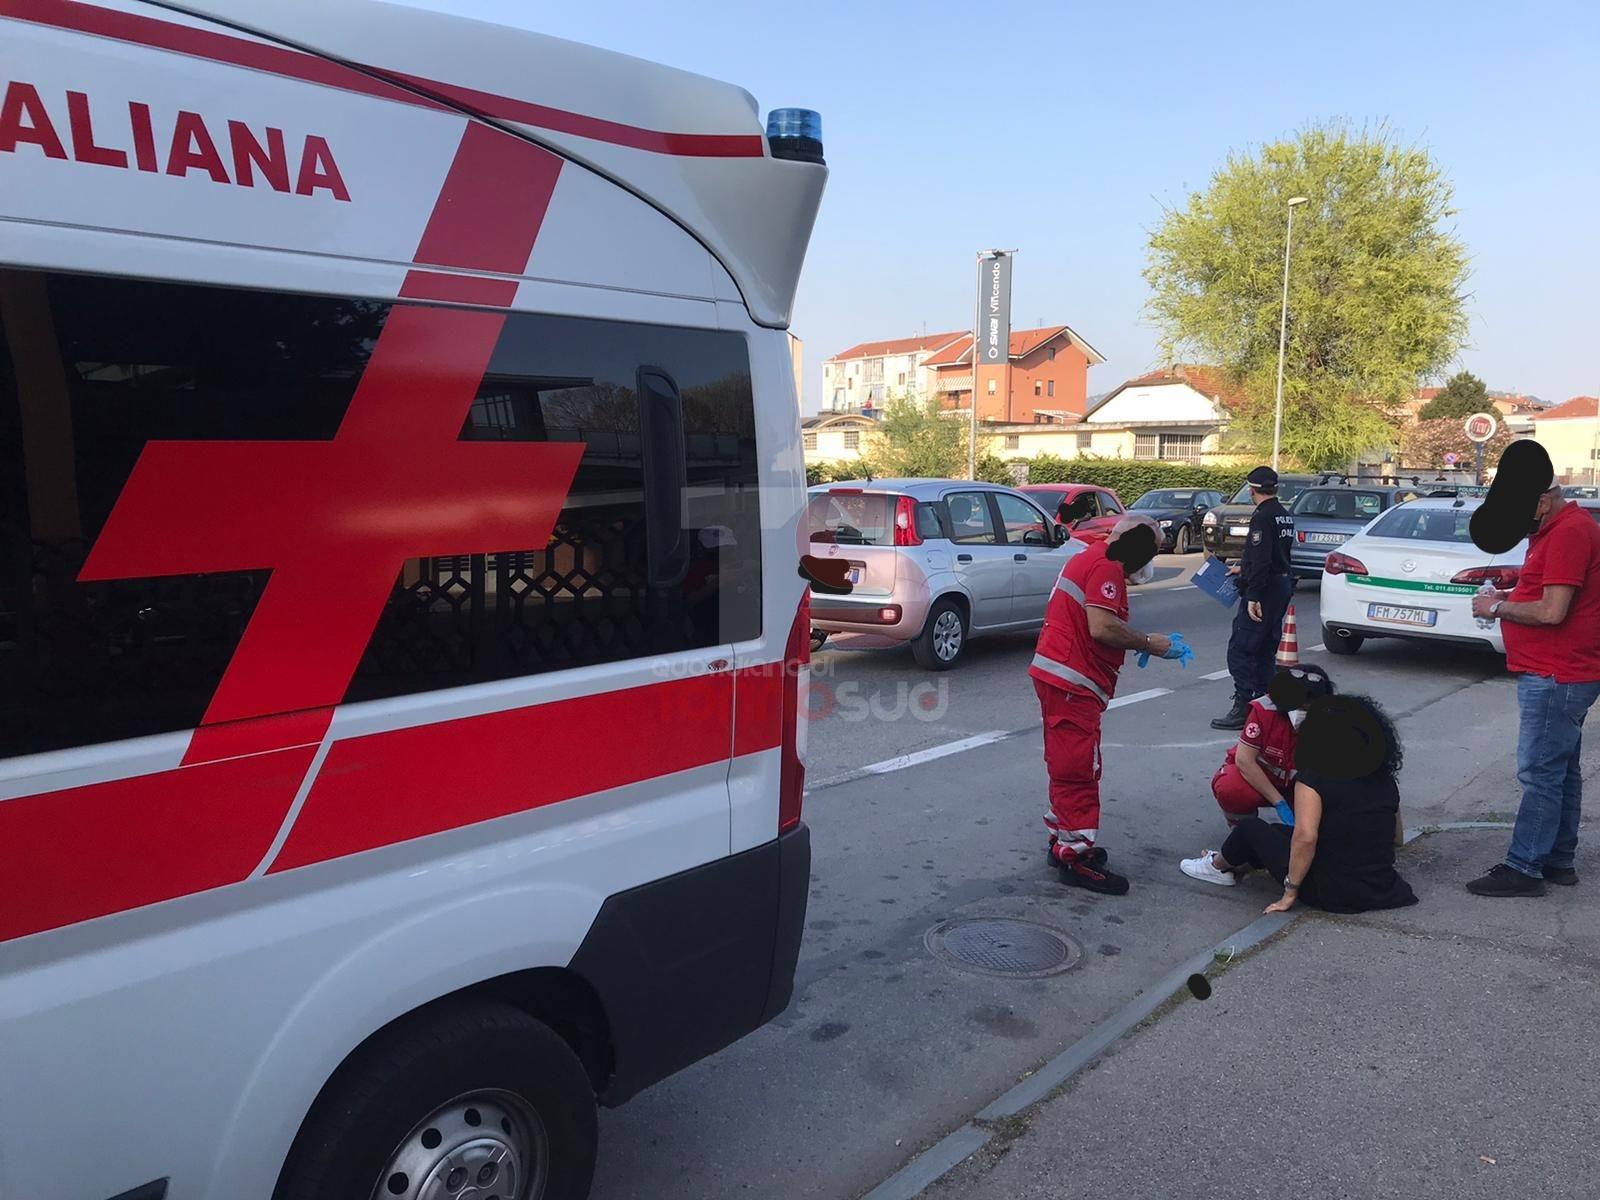 NICHELINO - Vuole evitare l'assembramento, inciampa sul marciapiede e va in ospedale